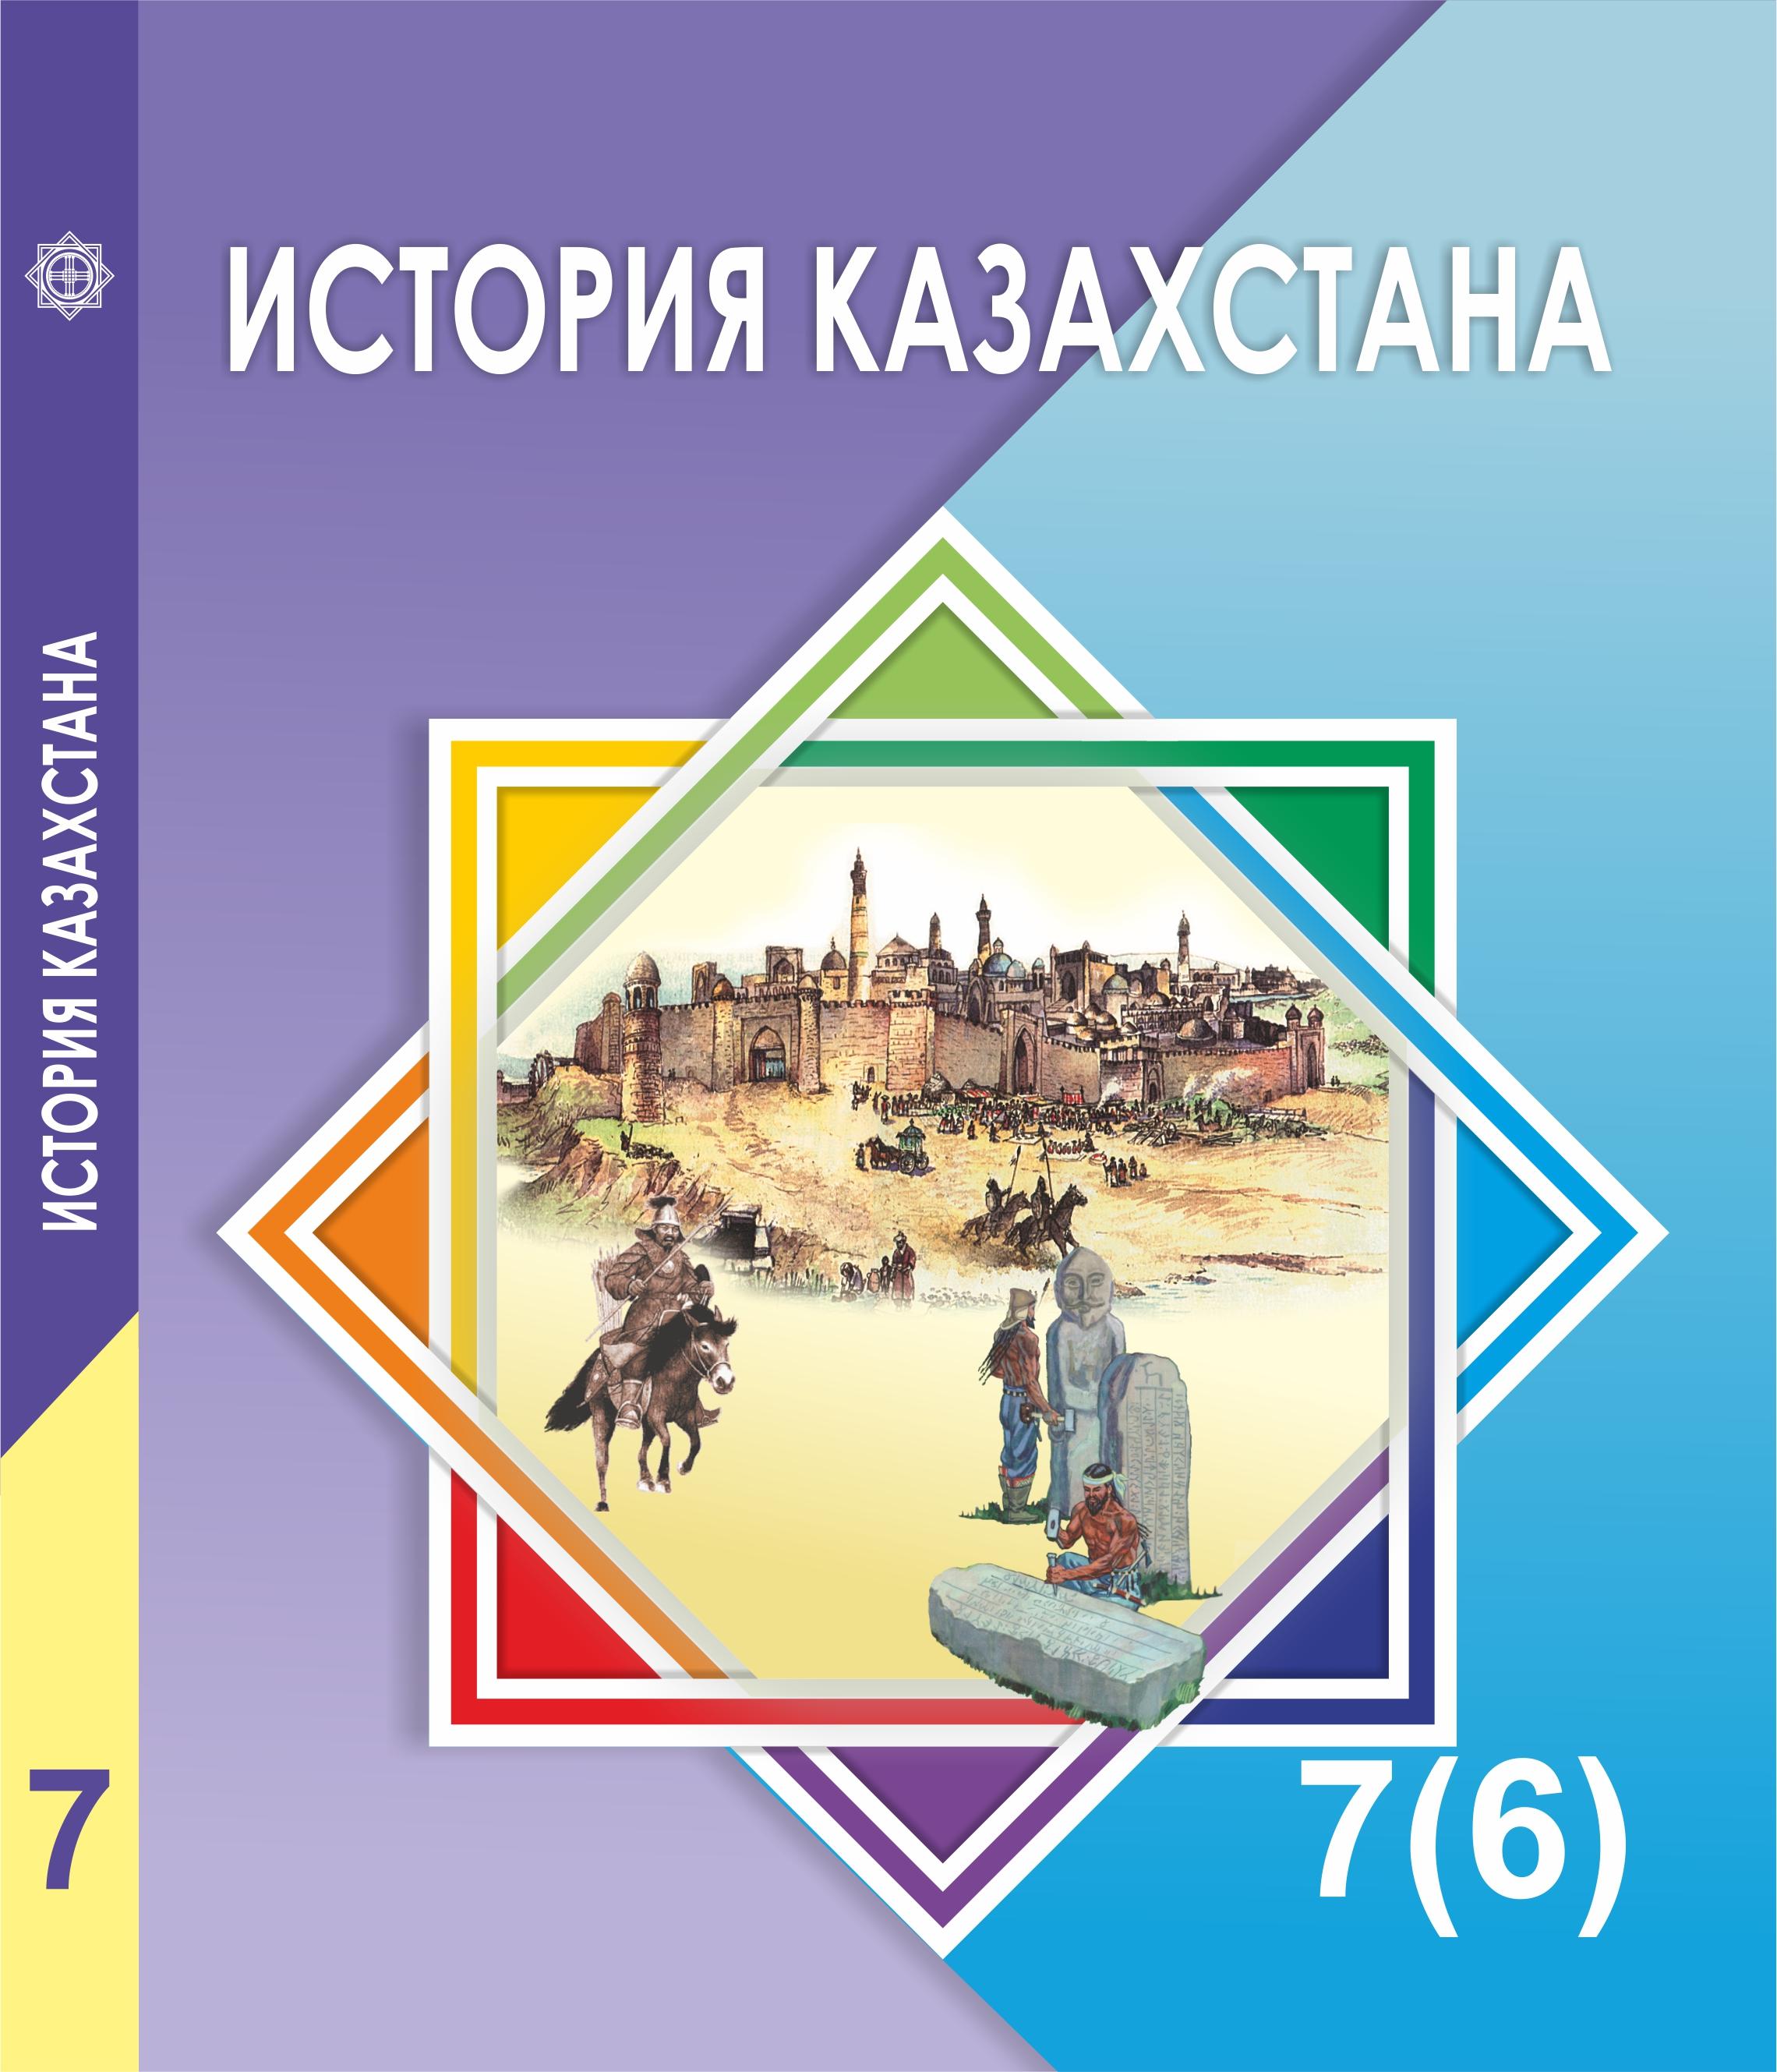 История казахстана 6 класс учебник facebookchat.